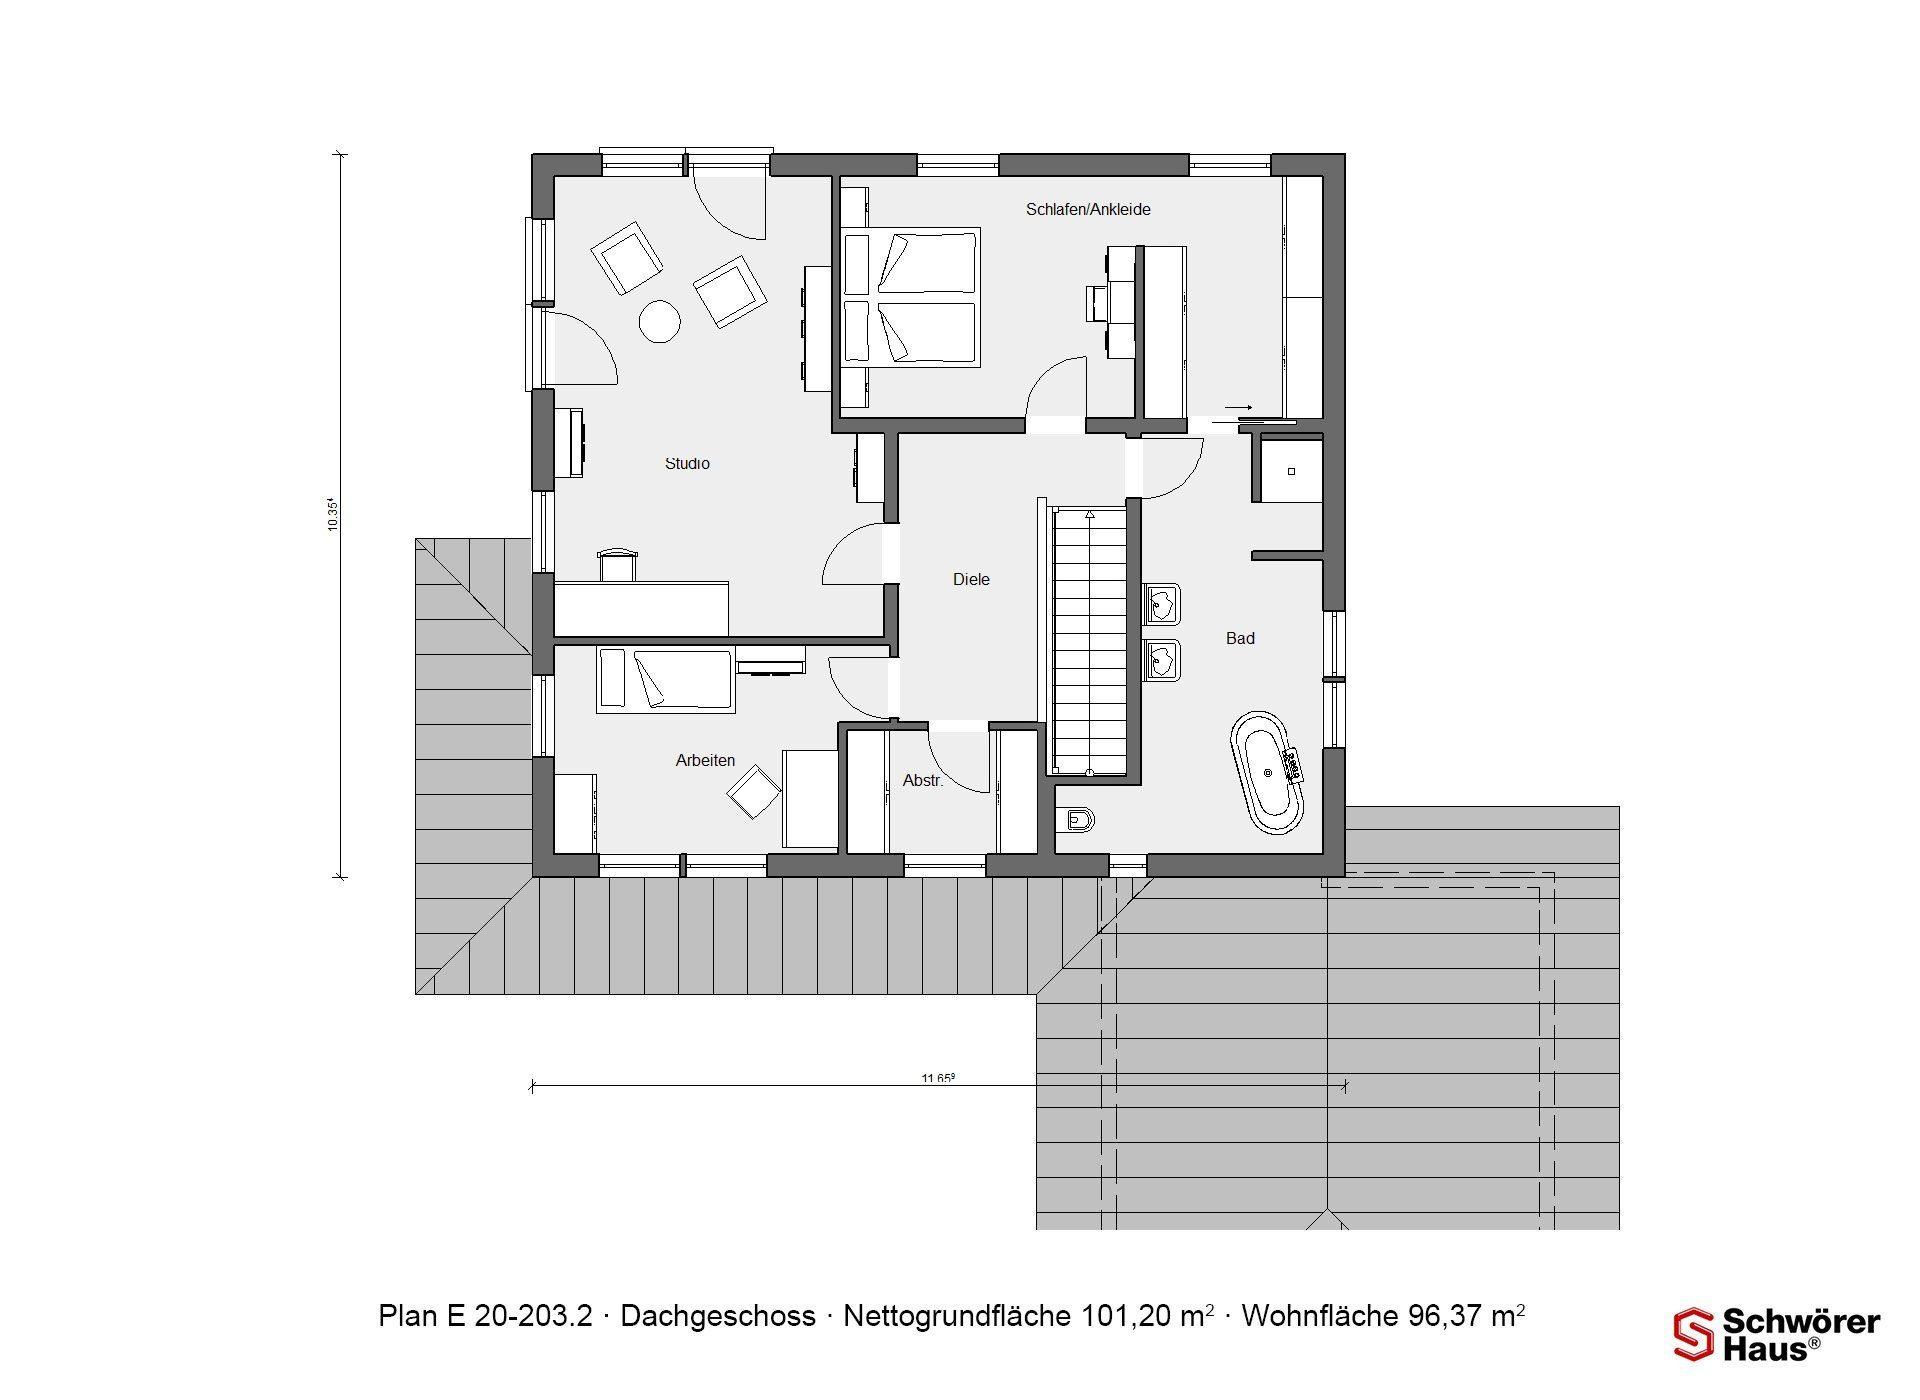 Kundenhaus Mayer-Elicker - Eine Nahaufnahme einer Uhr - Gebäudeplan